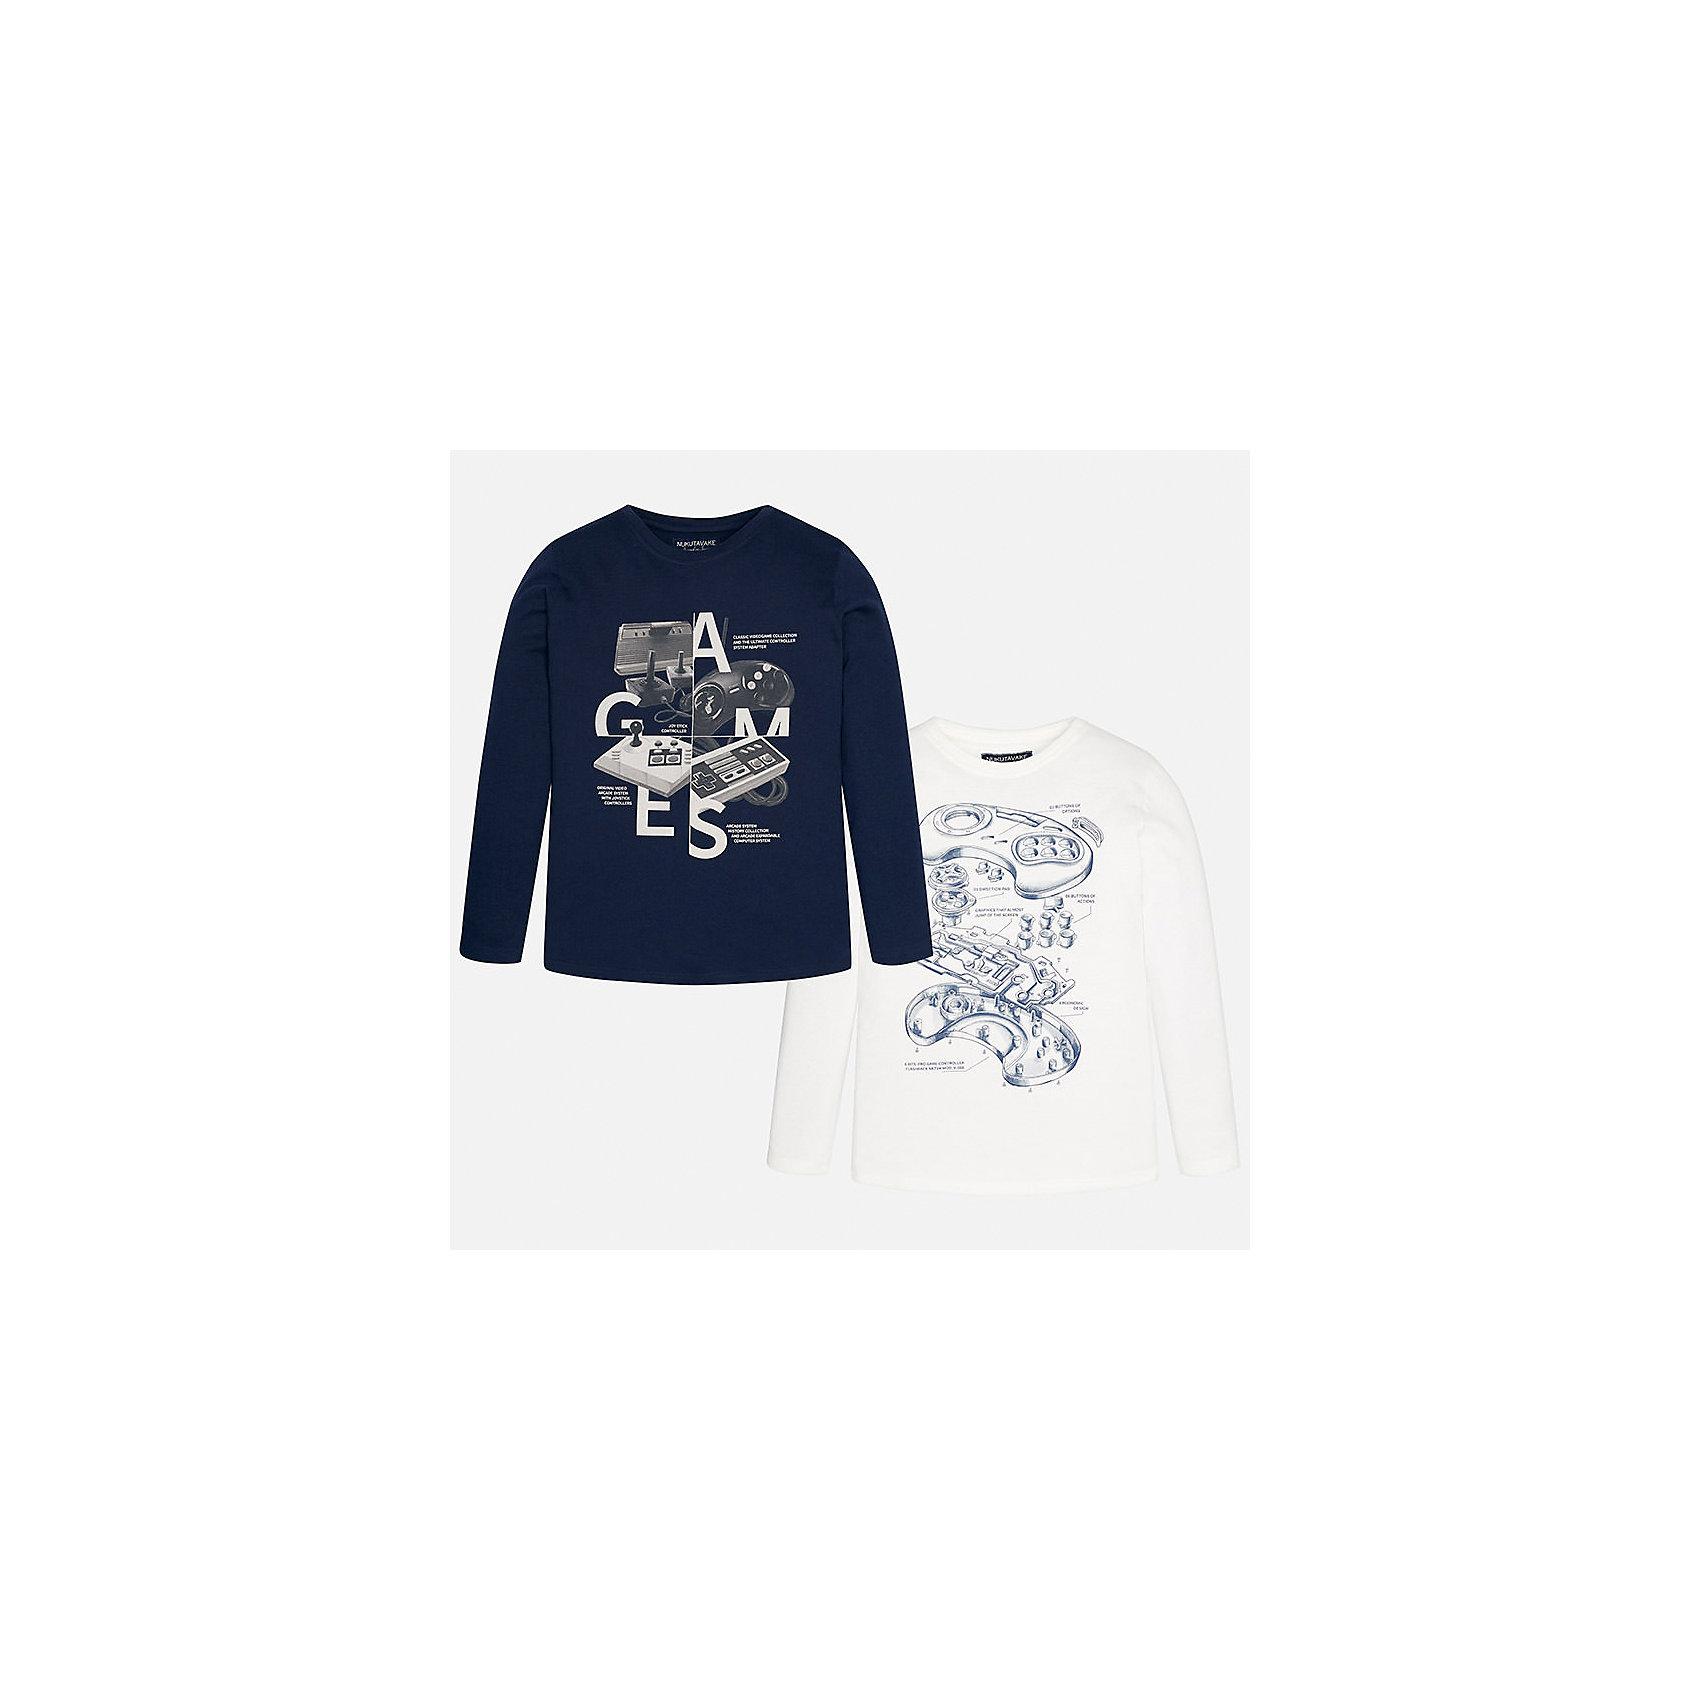 Футболка с длинным рукавом (2 шт.) для мальчика MayoralФутболки с длинным рукавом<br>Характеристики товара:<br><br>• цвет: синий, молочный<br>• состав ткани: 100% хлопок<br>• комплектация: 2 шт<br>• сезон: демисезон<br>• особенности модели: принт<br>• длинные рукава<br>• страна бренда: Испания<br>• страна изготовитель: Индия<br><br>Каждый лонгслив с принтом для мальчика из этого комплекта отMayoral удобно сидит по фигуре. Стильный детский лонгслив сделан из натуральной хлопковой ткани. Отличный способ обеспечить ребенку тепло и комфорт - надеть детский лонгслив от Mayoral. Детская футболка с длинным рукавом сшита из приятного на ощупь материала. <br><br>Лонгслив (2 шт.) для мальчика Mayoral (Майорал) можно купить в нашем интернет-магазине.<br><br>Ширина мм: 230<br>Глубина мм: 40<br>Высота мм: 220<br>Вес г: 250<br>Цвет: серый<br>Возраст от месяцев: 168<br>Возраст до месяцев: 180<br>Пол: Мужской<br>Возраст: Детский<br>Размер: 170,128/134,140,152,158,164<br>SKU: 6933390